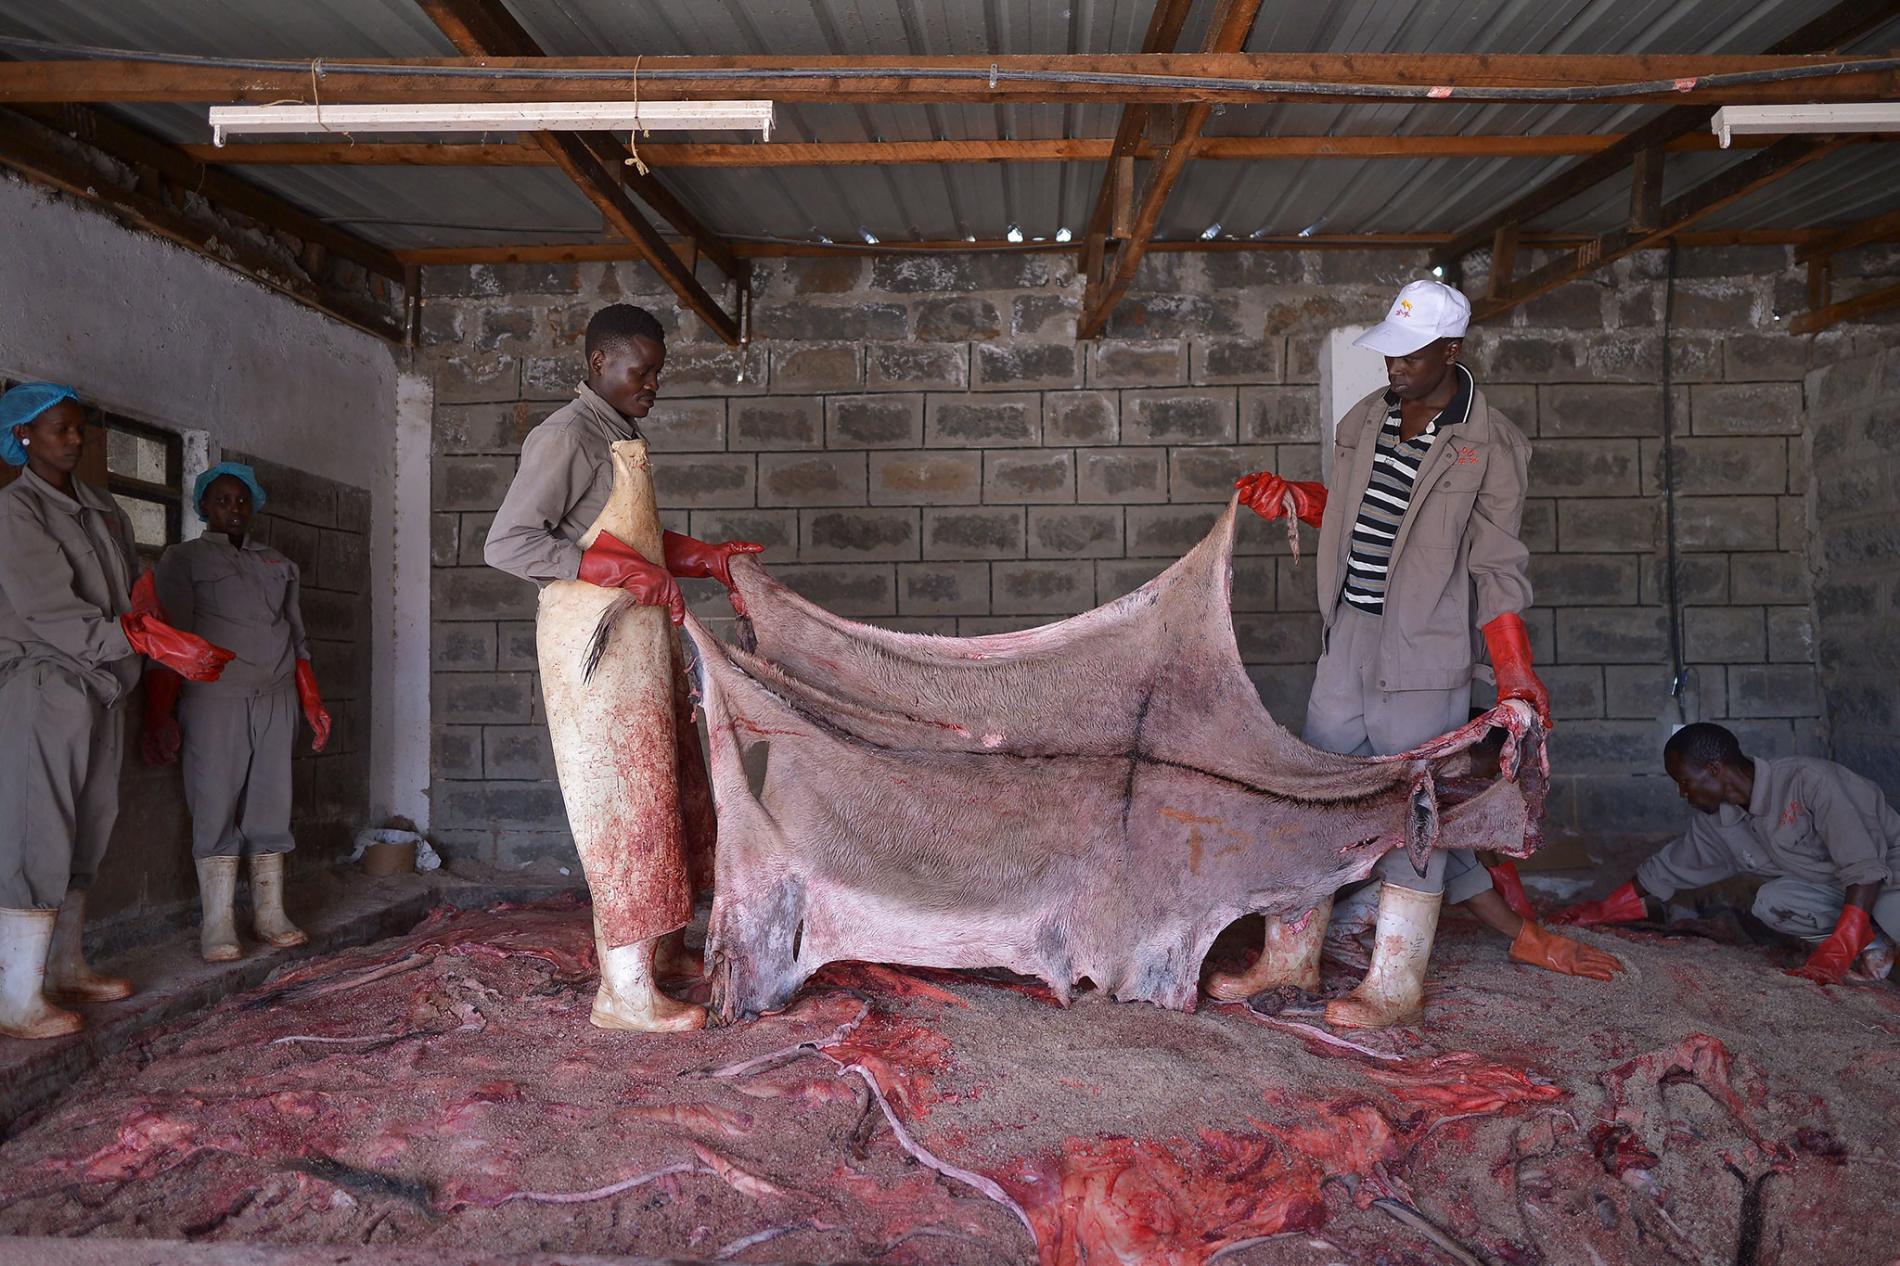 在肯亞一間已獲許可的屠宰場裡,工人準備處理一張驢皮。因為其他國家關閉屠宰場,加上驢皮需求增加,所以地下交易更為活躍。 PHOTOGRAPH BY TONY KARUMBA, AFP/GETTY